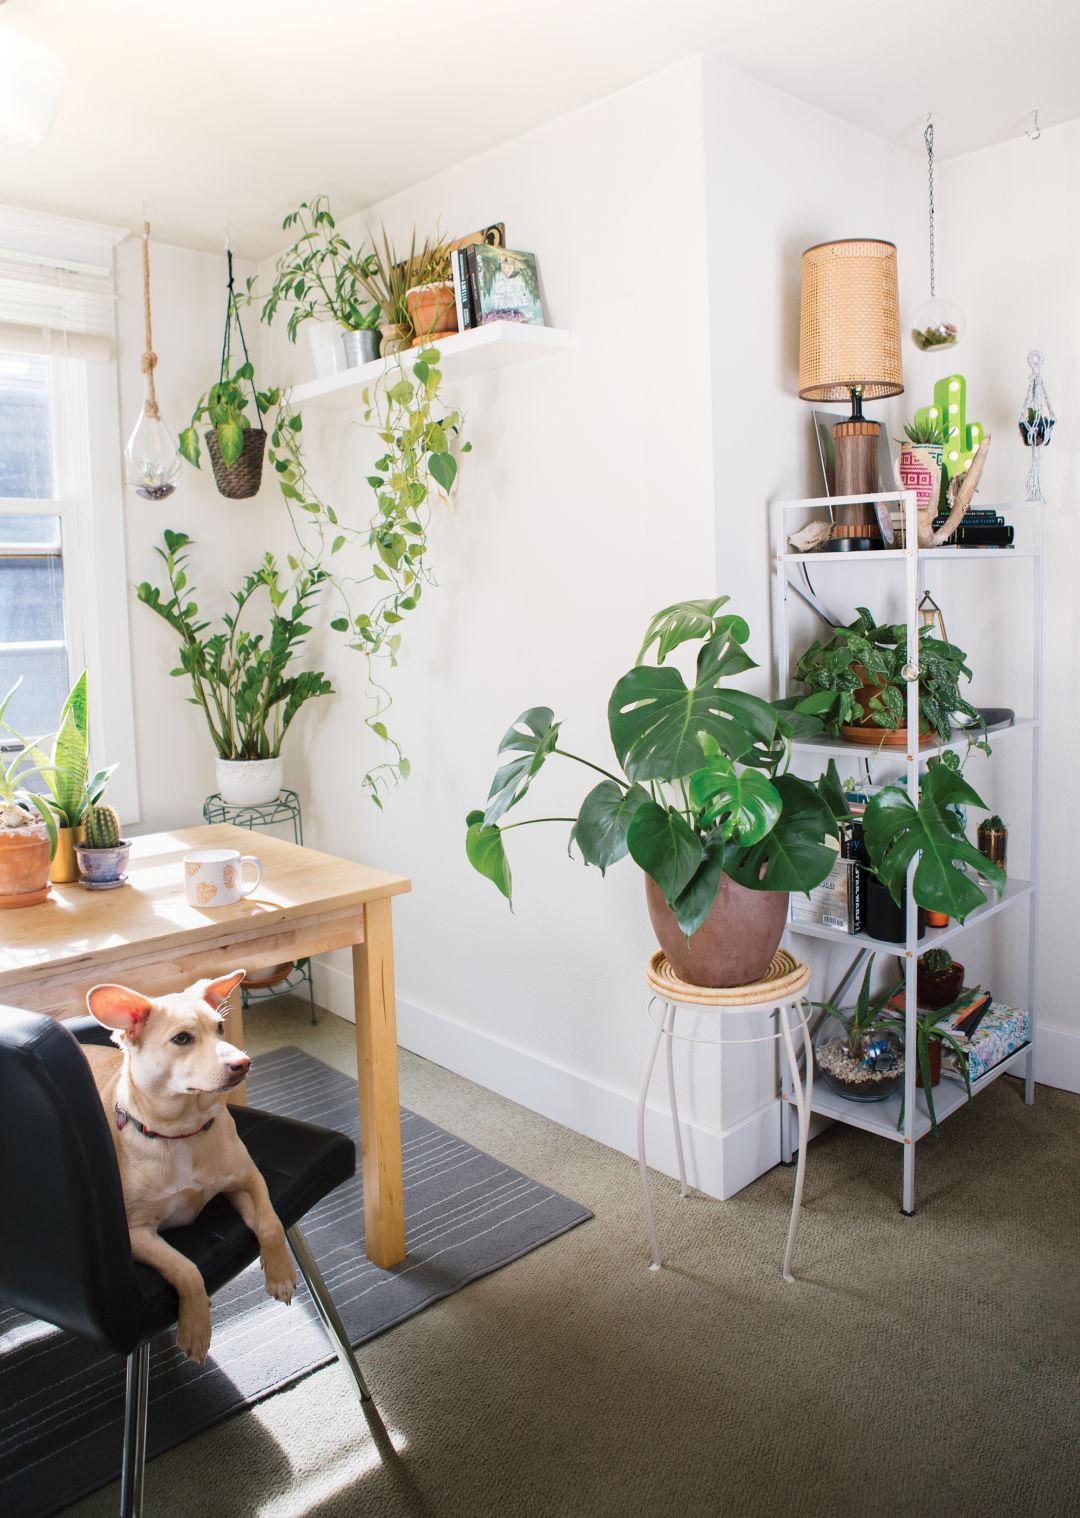 Habitat indoor plants toc nelle clark nocrop 2 m5uavu